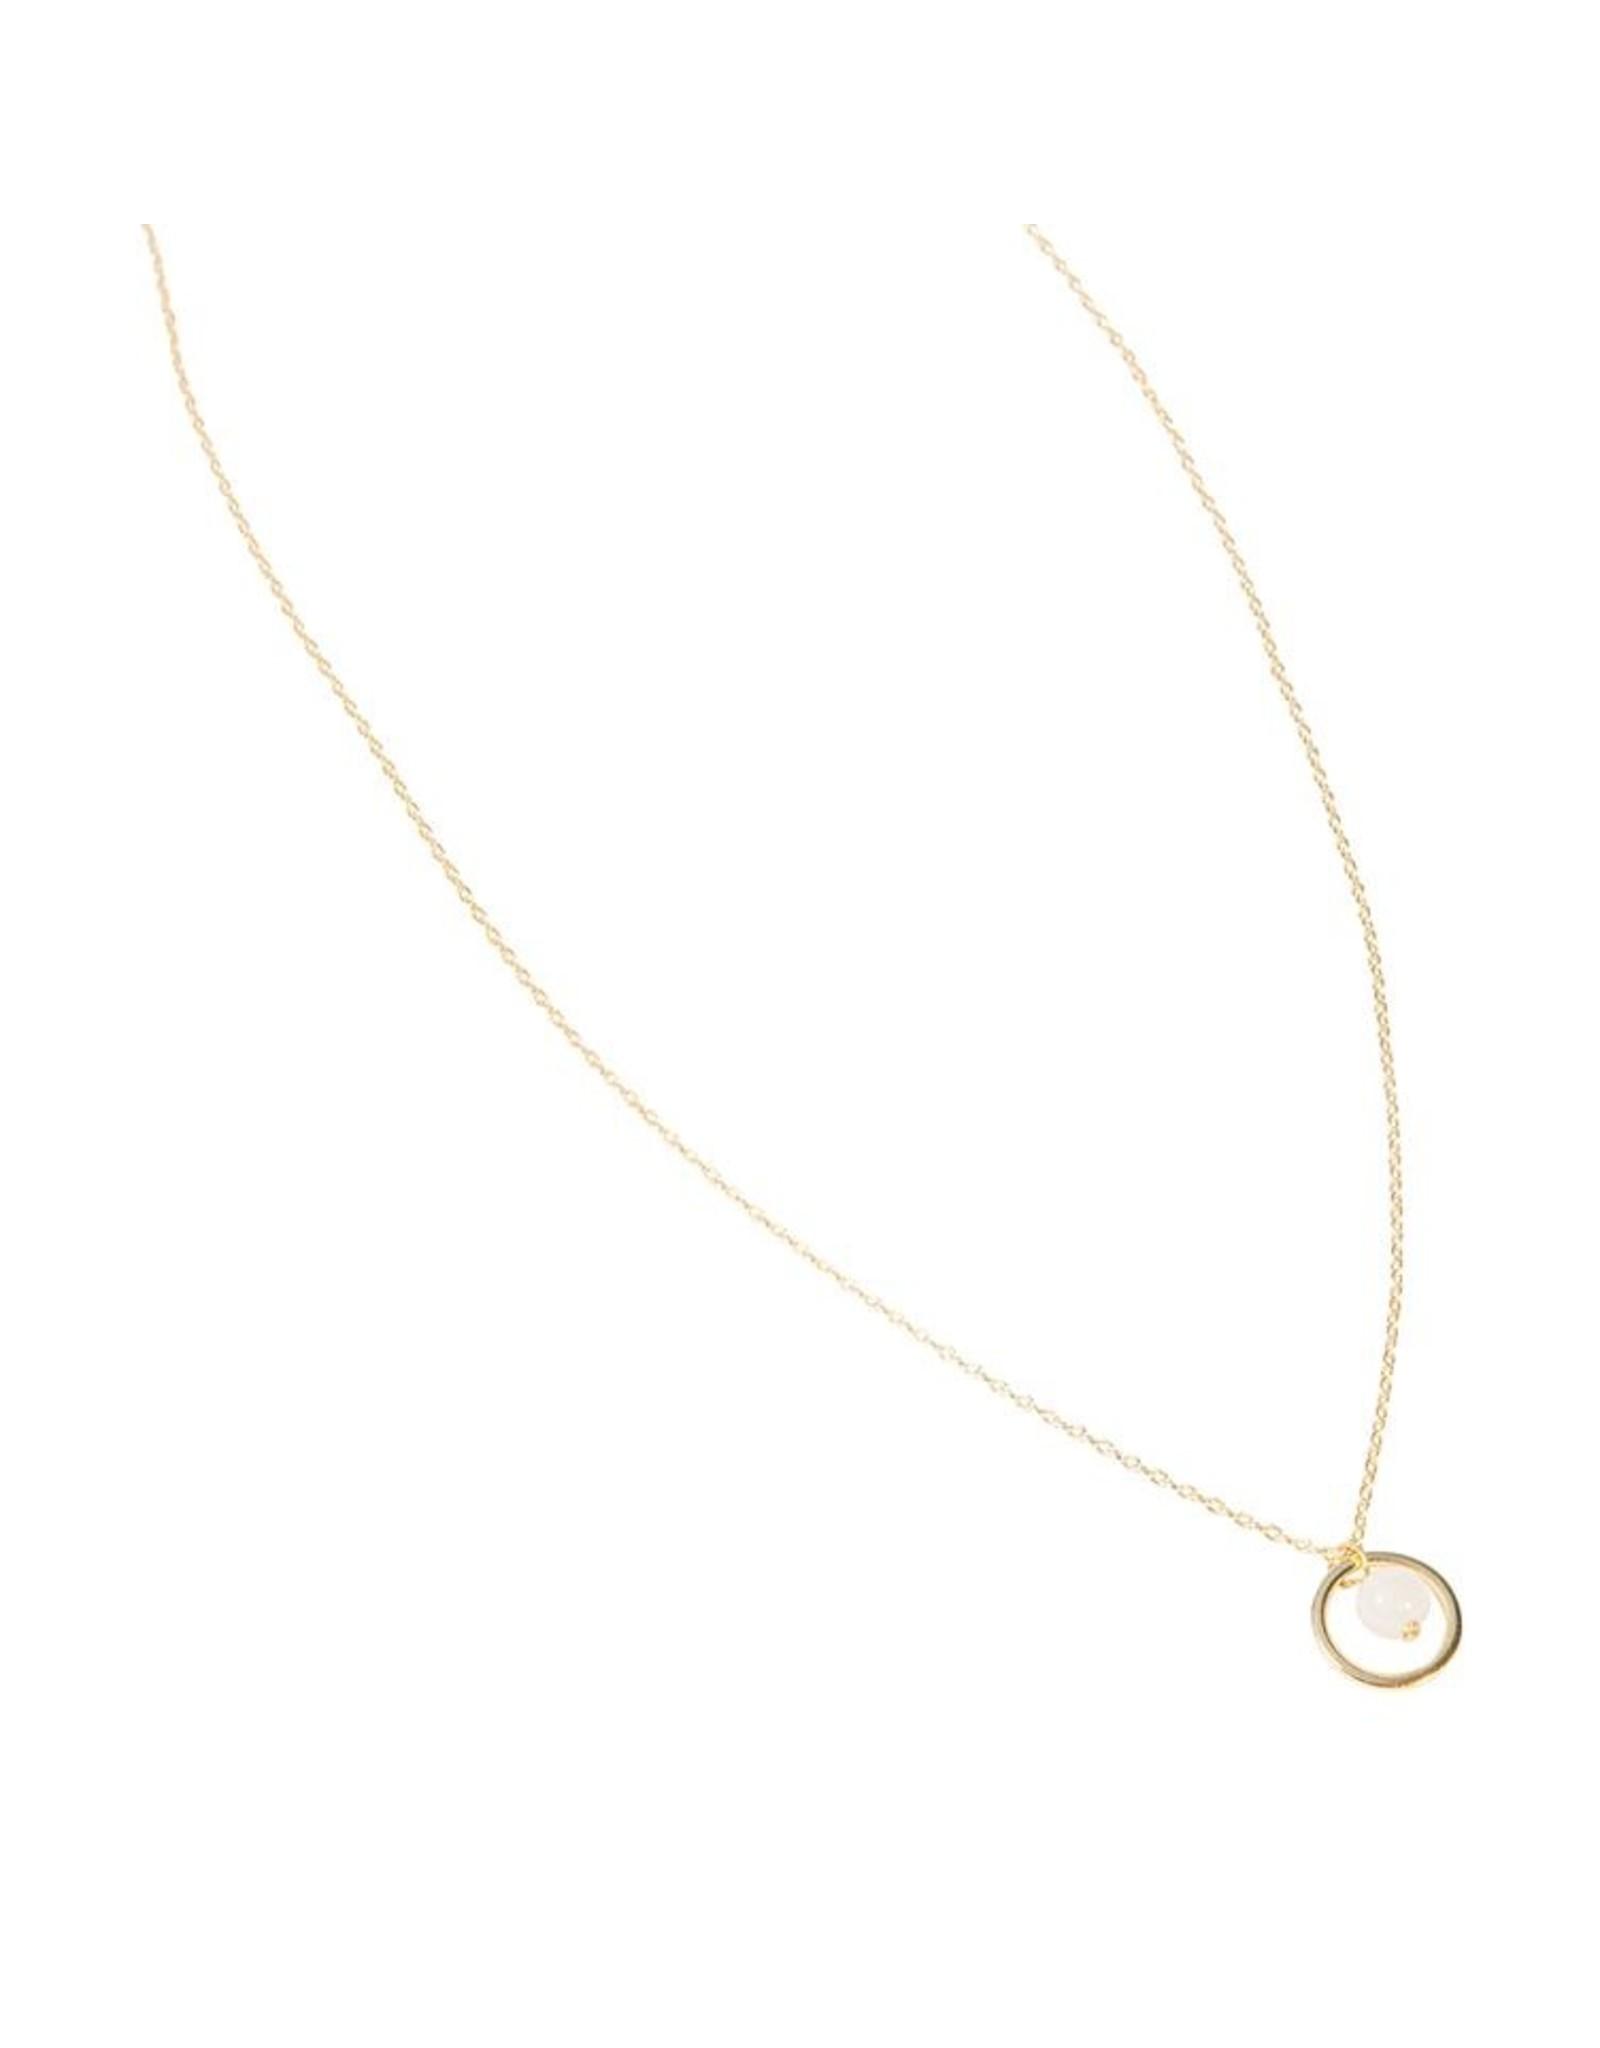 Halskette Circled Ball 925 Silber vergoldet